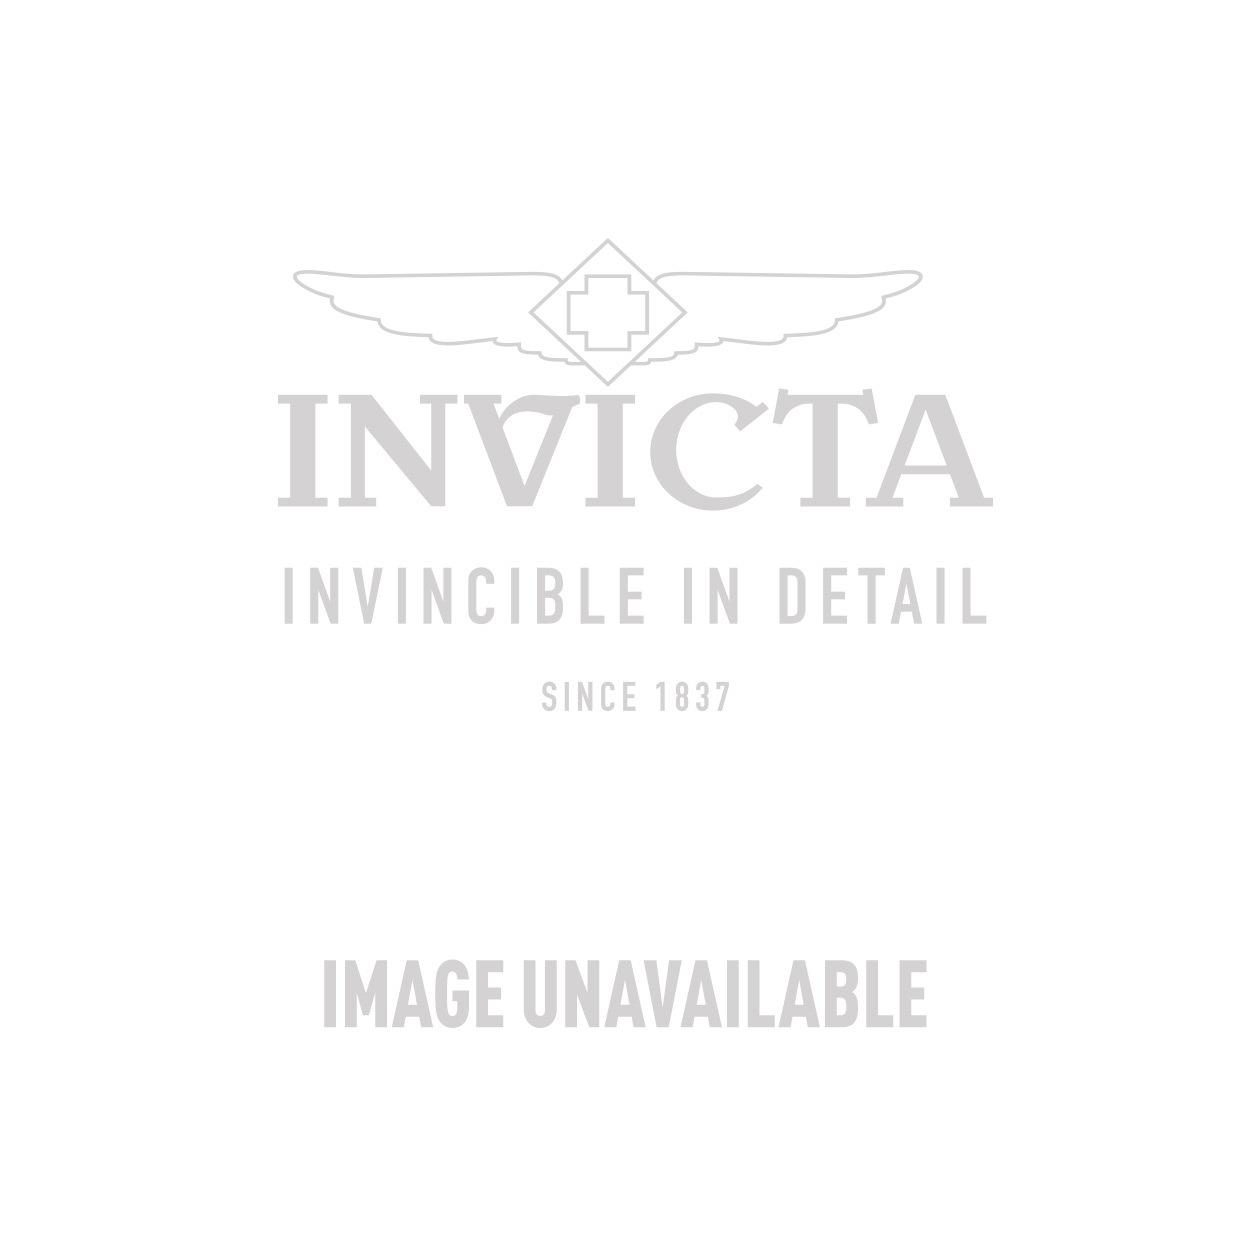 Invicta Model 29925